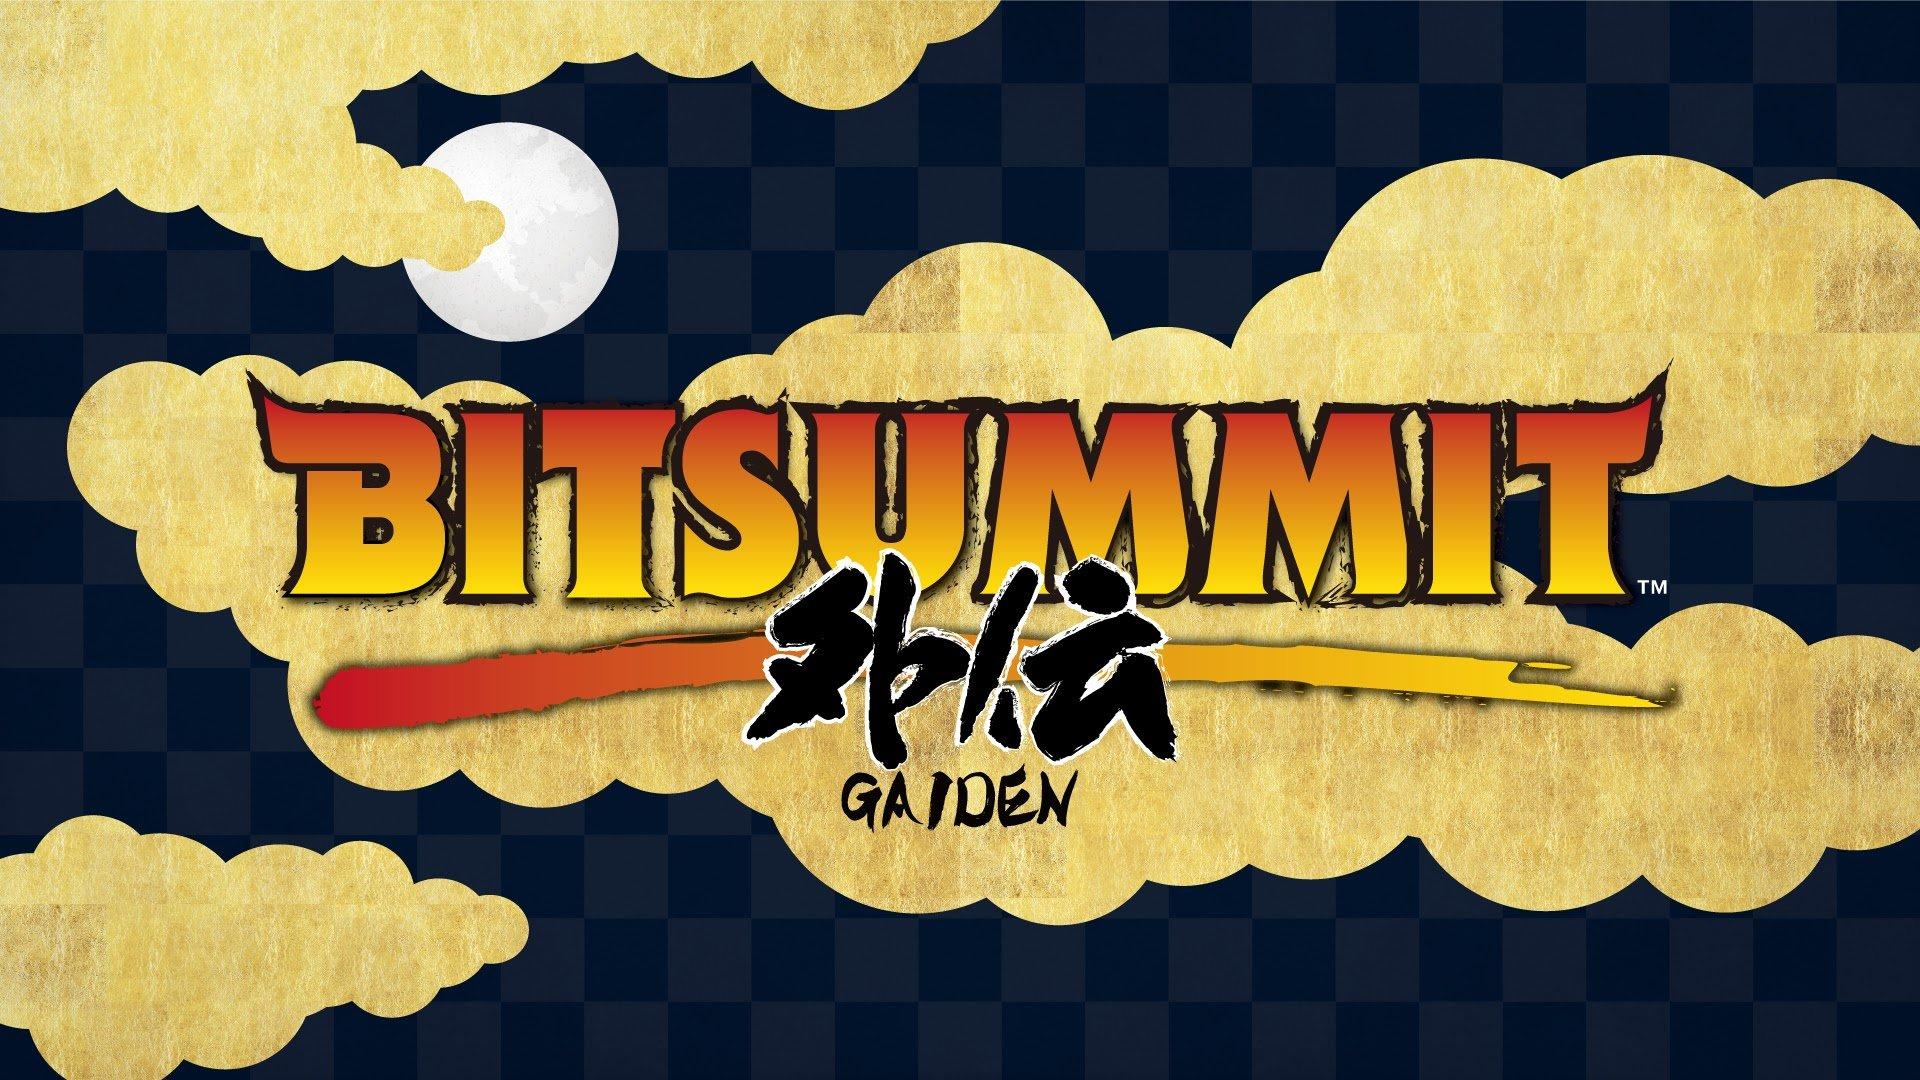 BitSummit Gaiden digital event set for June 27 to 28 - Gematsu